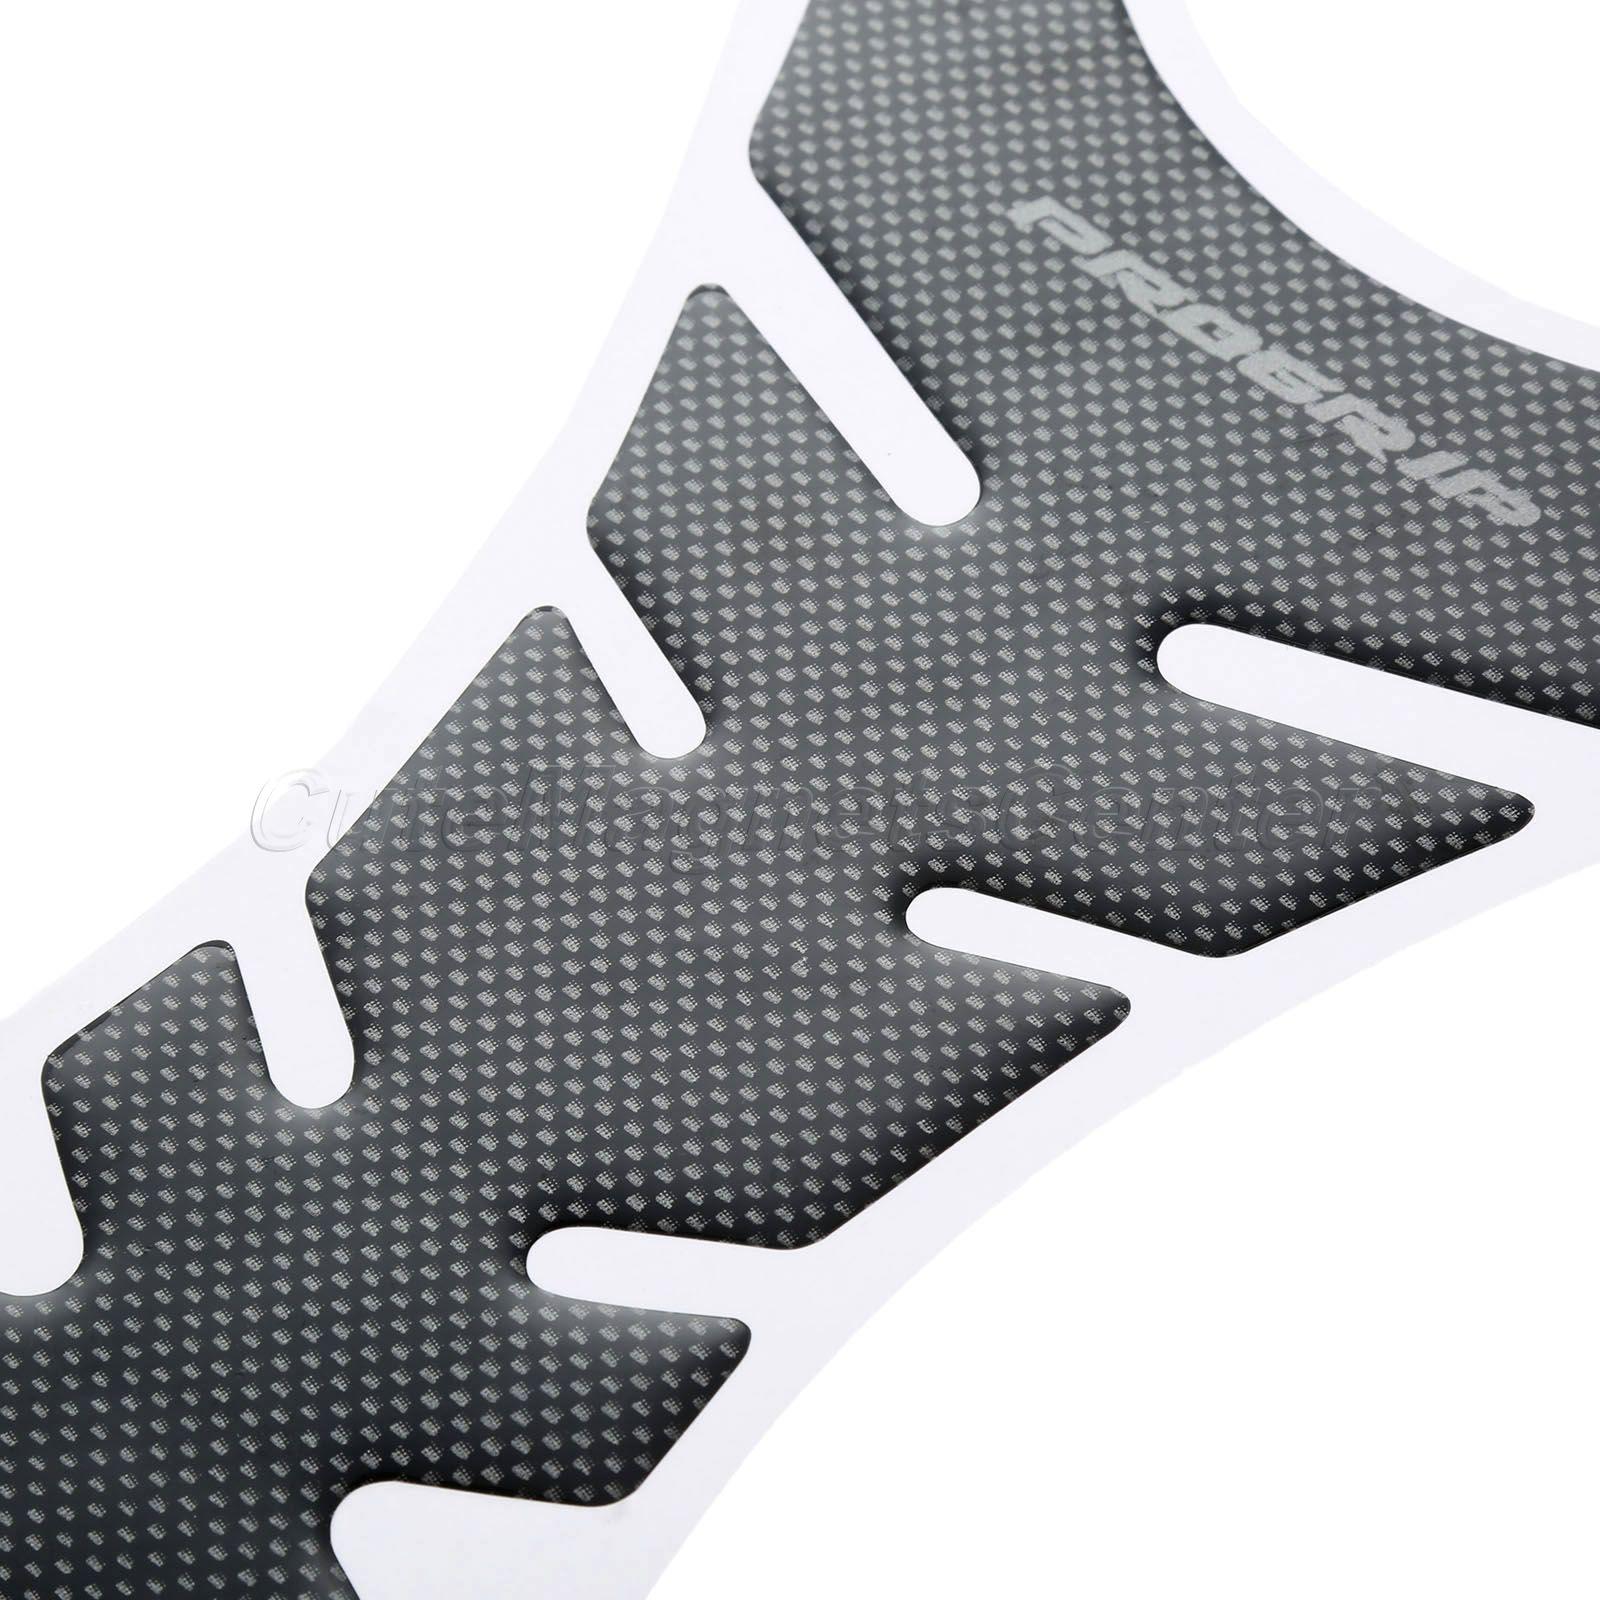 Motorcykel Universal 3D Carbon Fiber Gel Gas Bränsle Tank Pad - Motorcykel tillbehör och delar - Foto 6